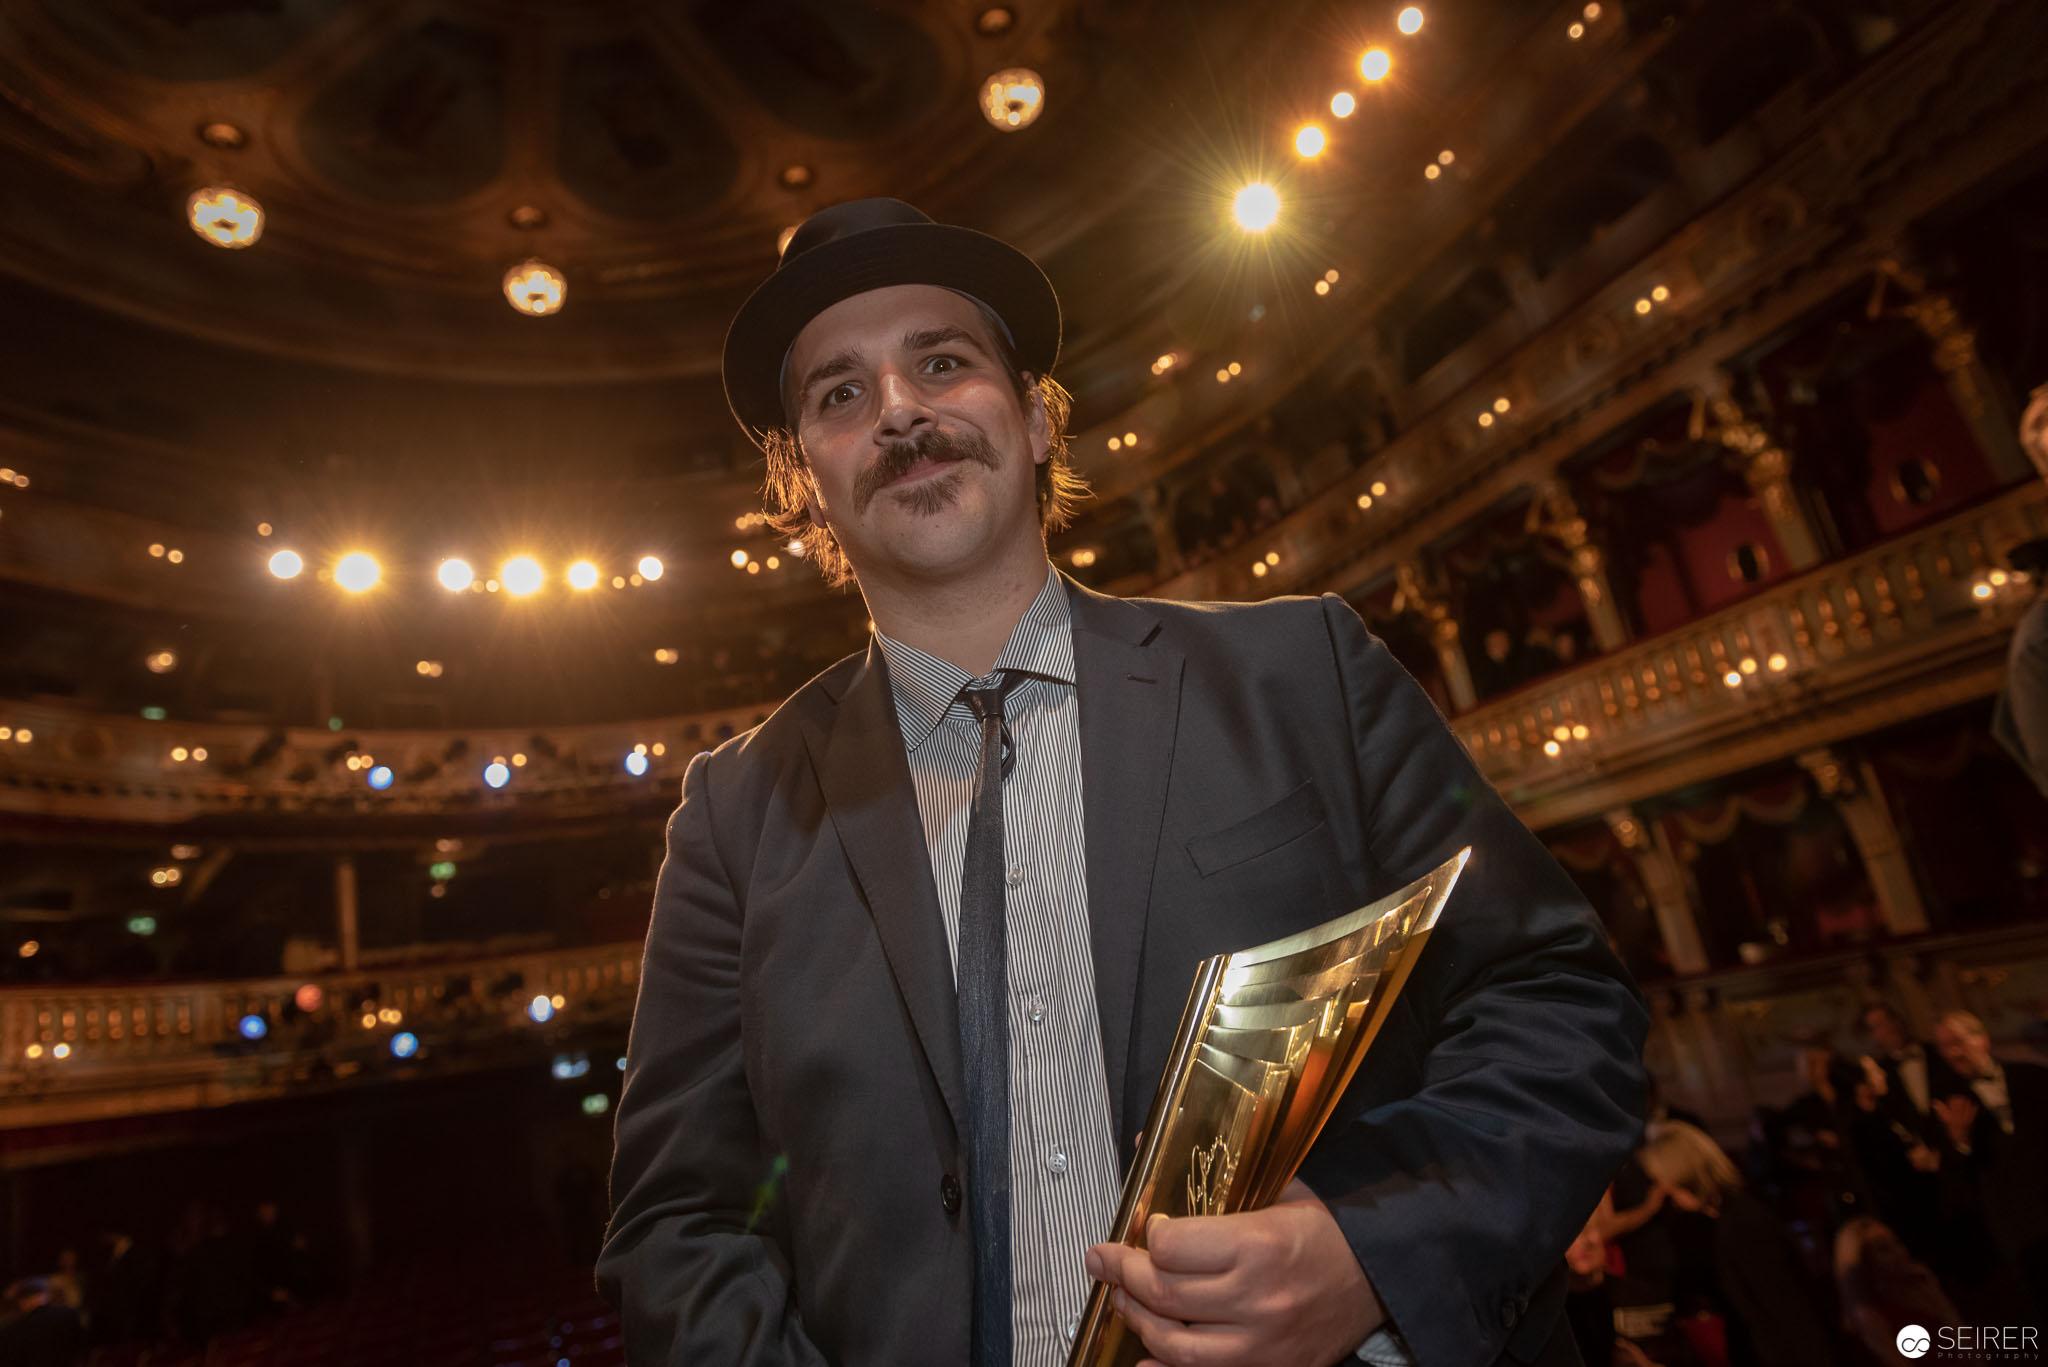 Ferdinand Schmalz bei der Nestroy Verleihung 2018